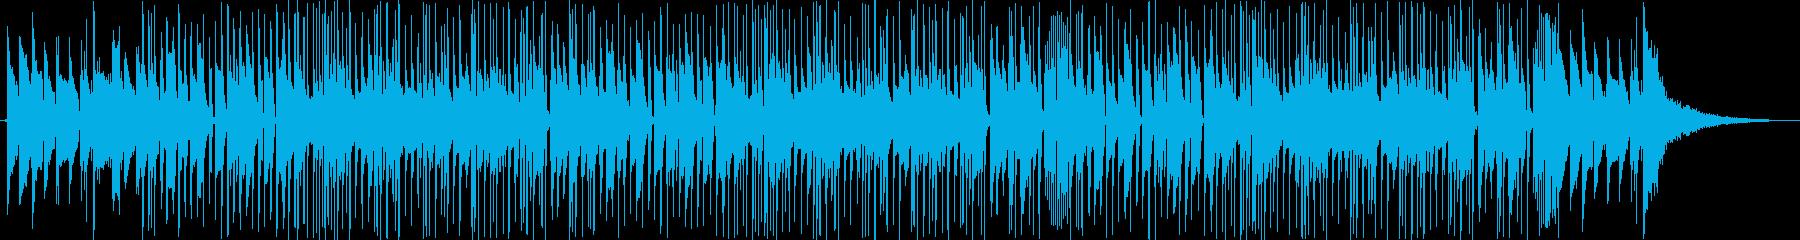 ラガエトン。ラテンアーバン。少ない配置。の再生済みの波形